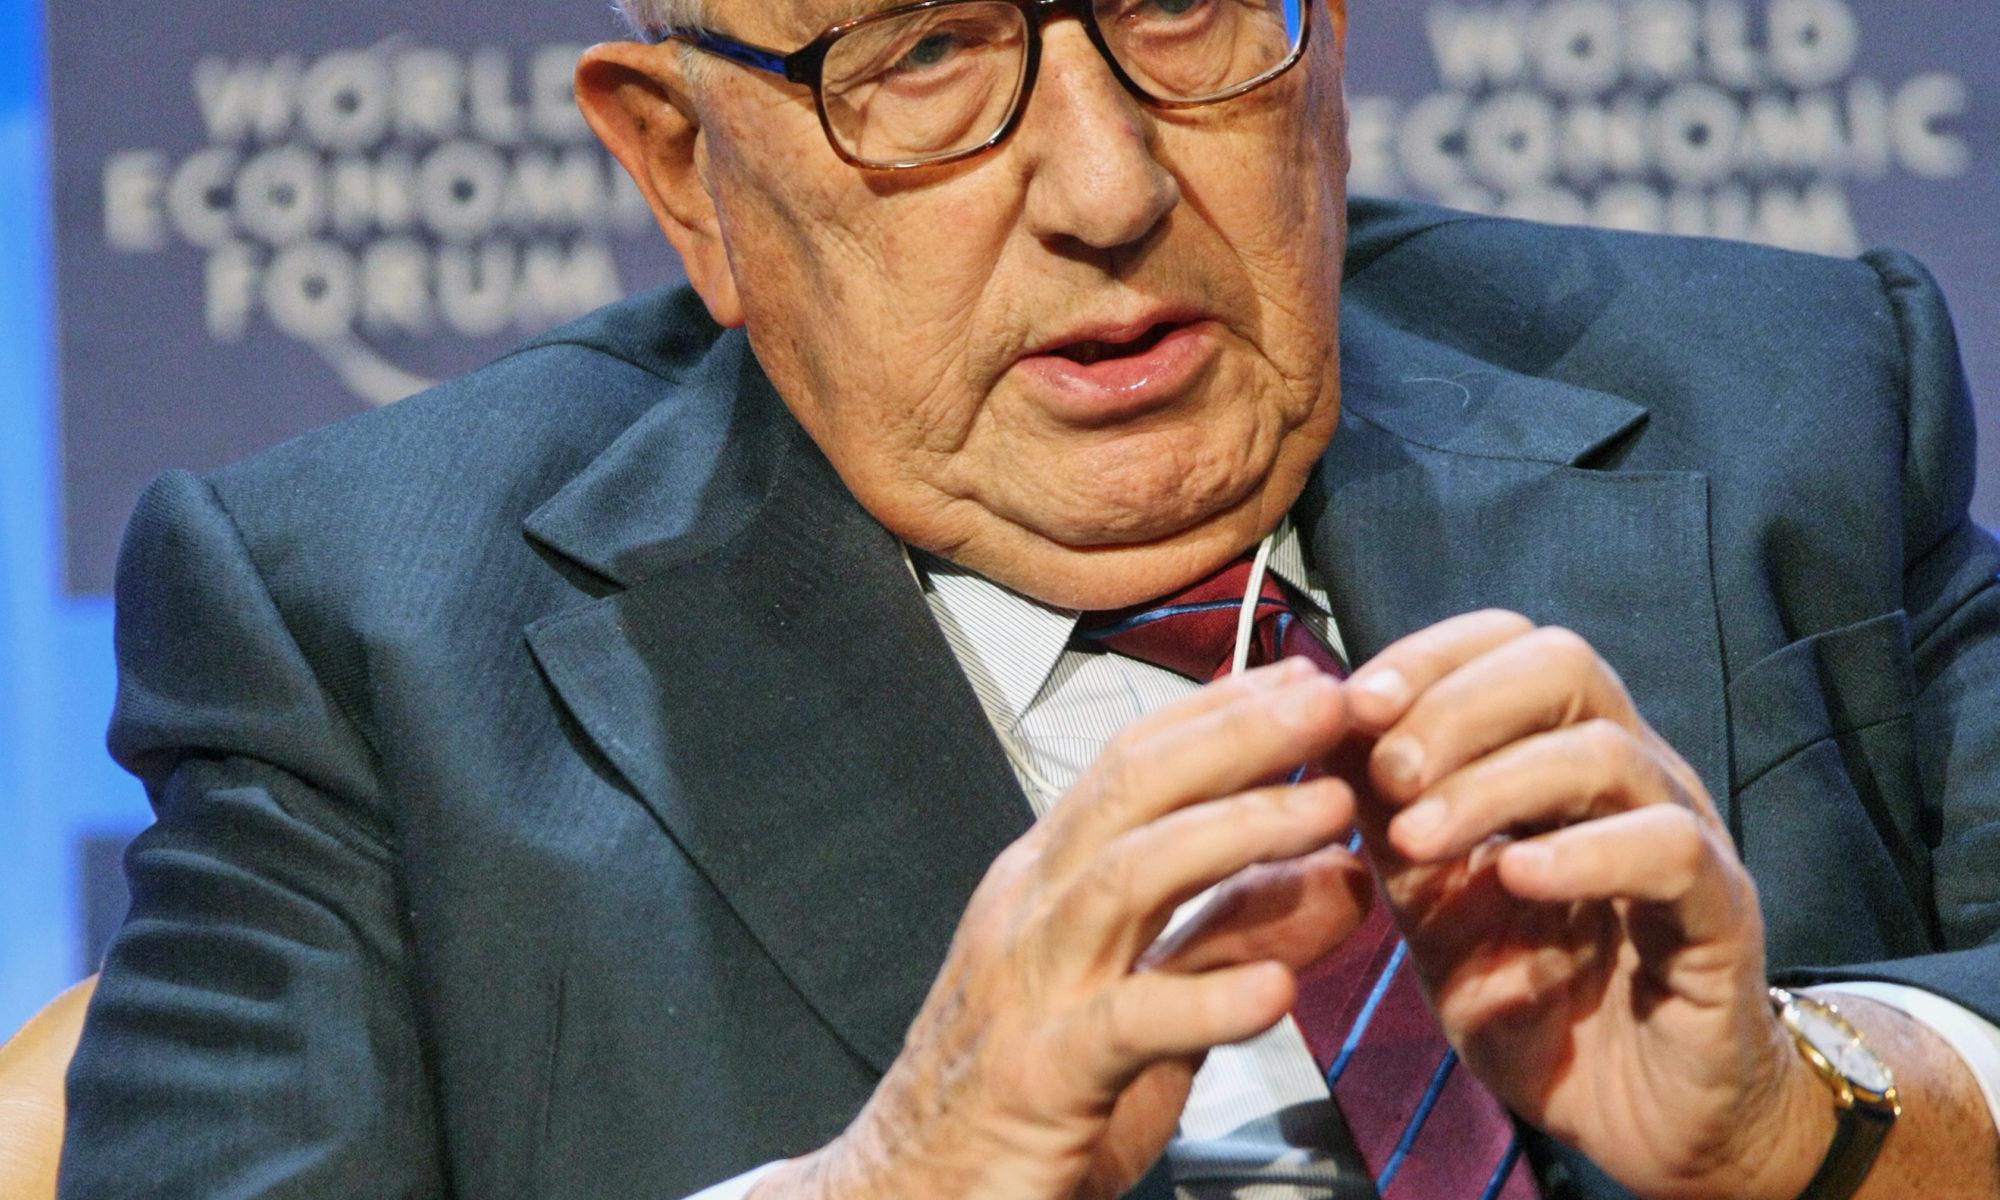 Henry Kissinger, https://commons.wikimedia.org/wiki/